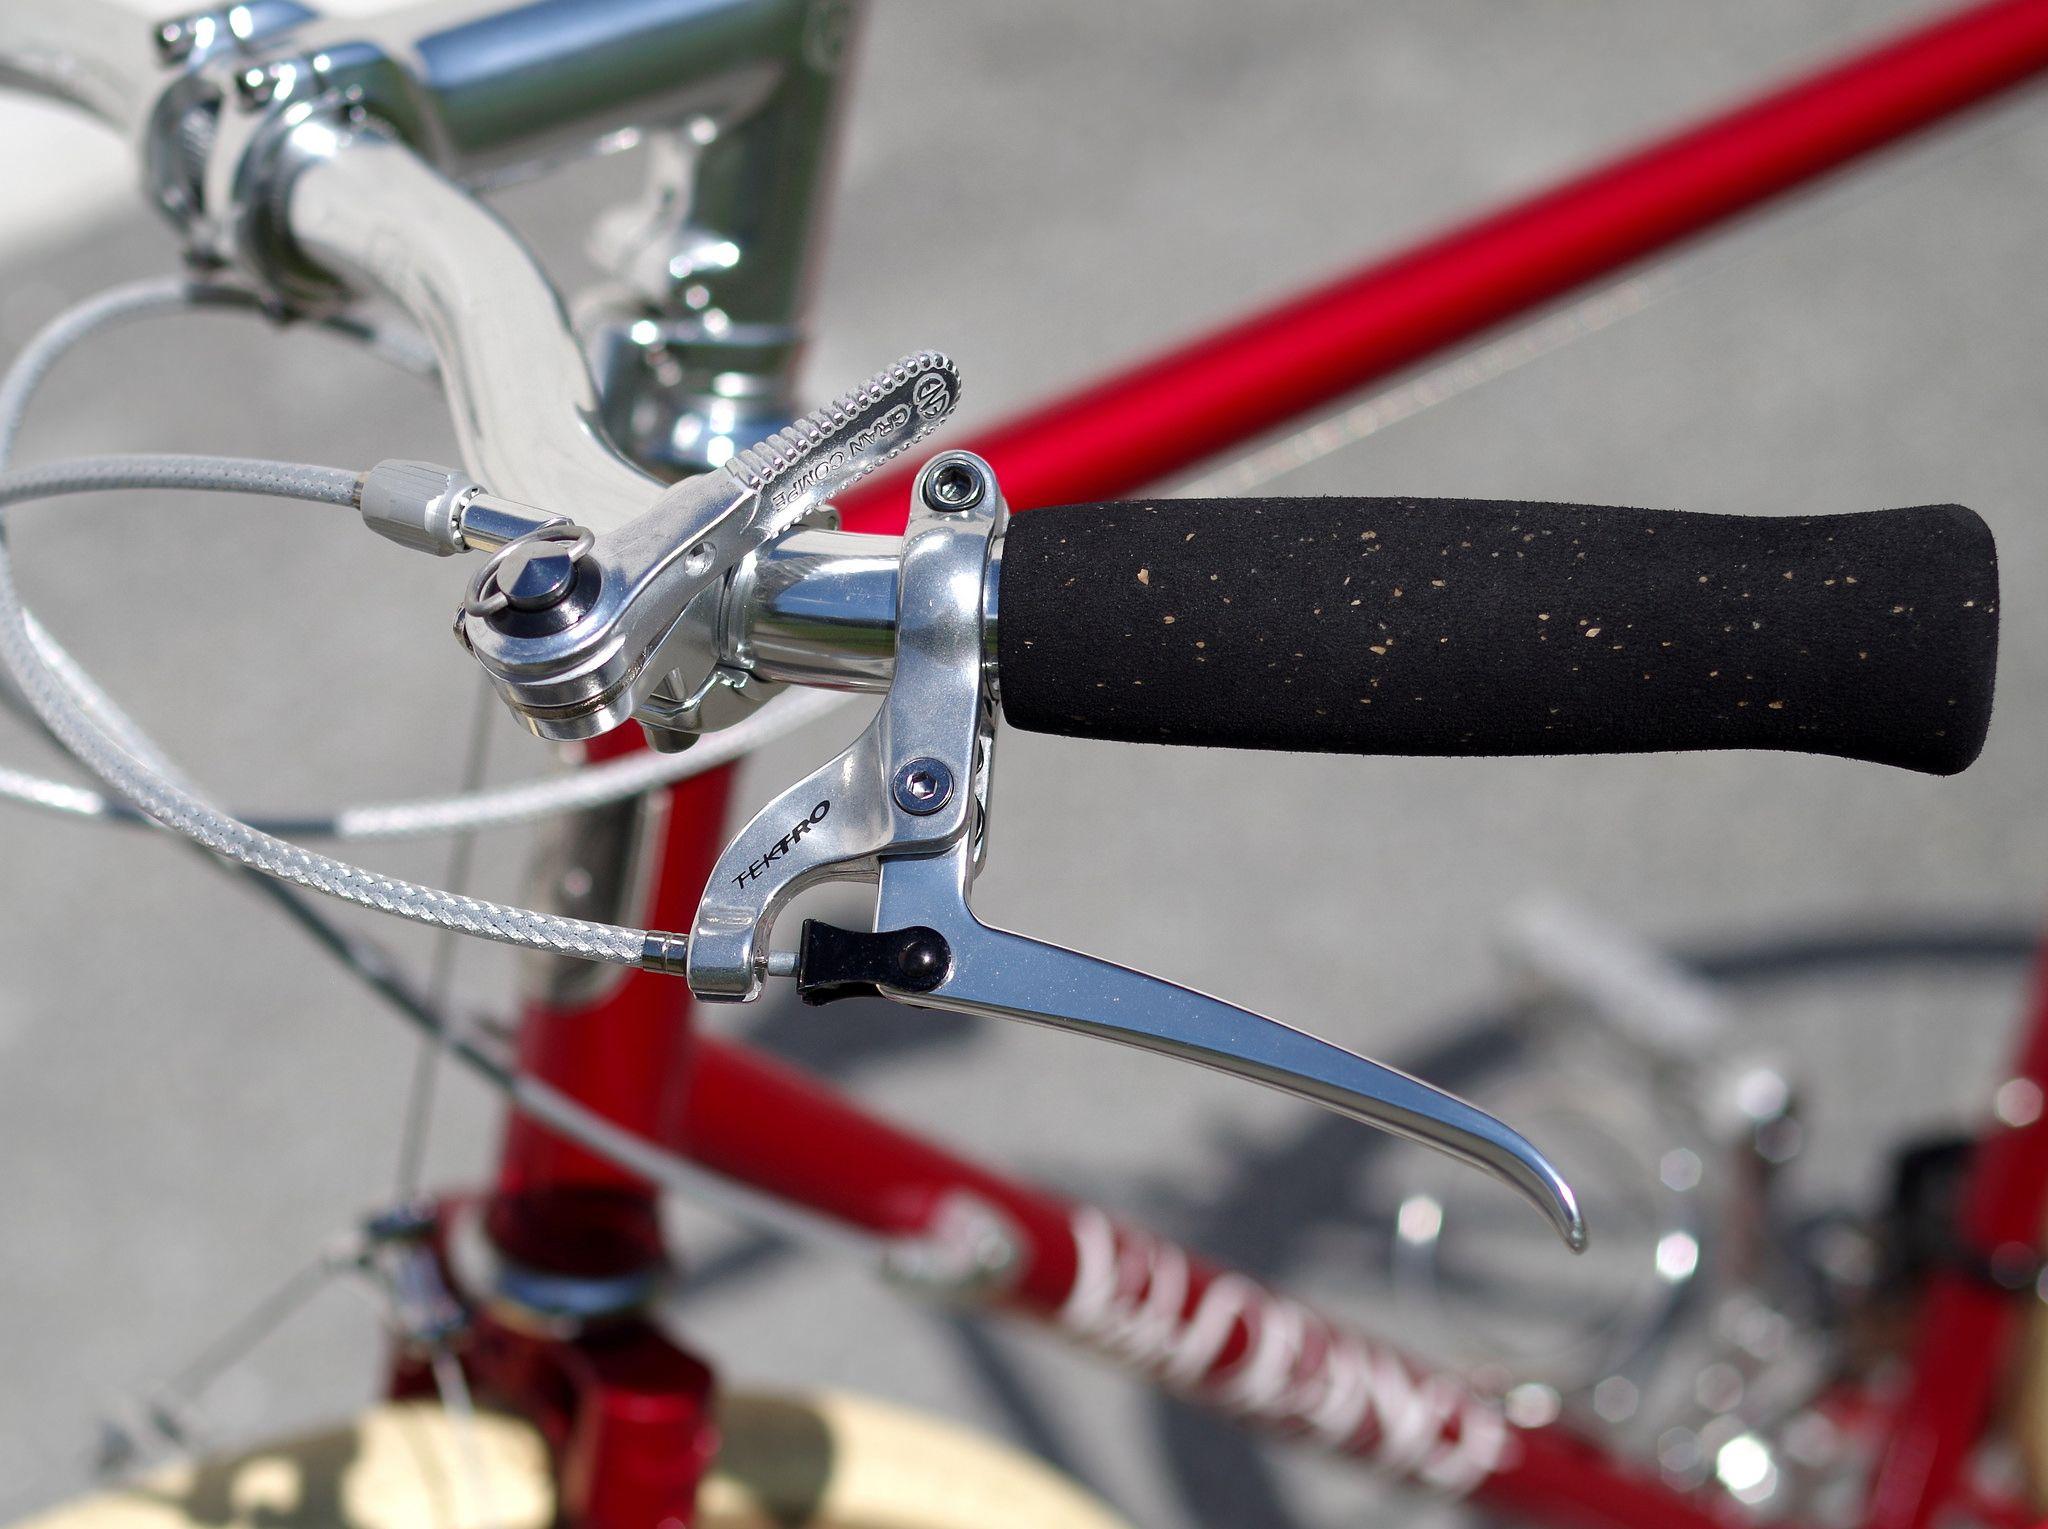 Brake lever road bike brake lever Tektro FL750 bicycle lever brake lever